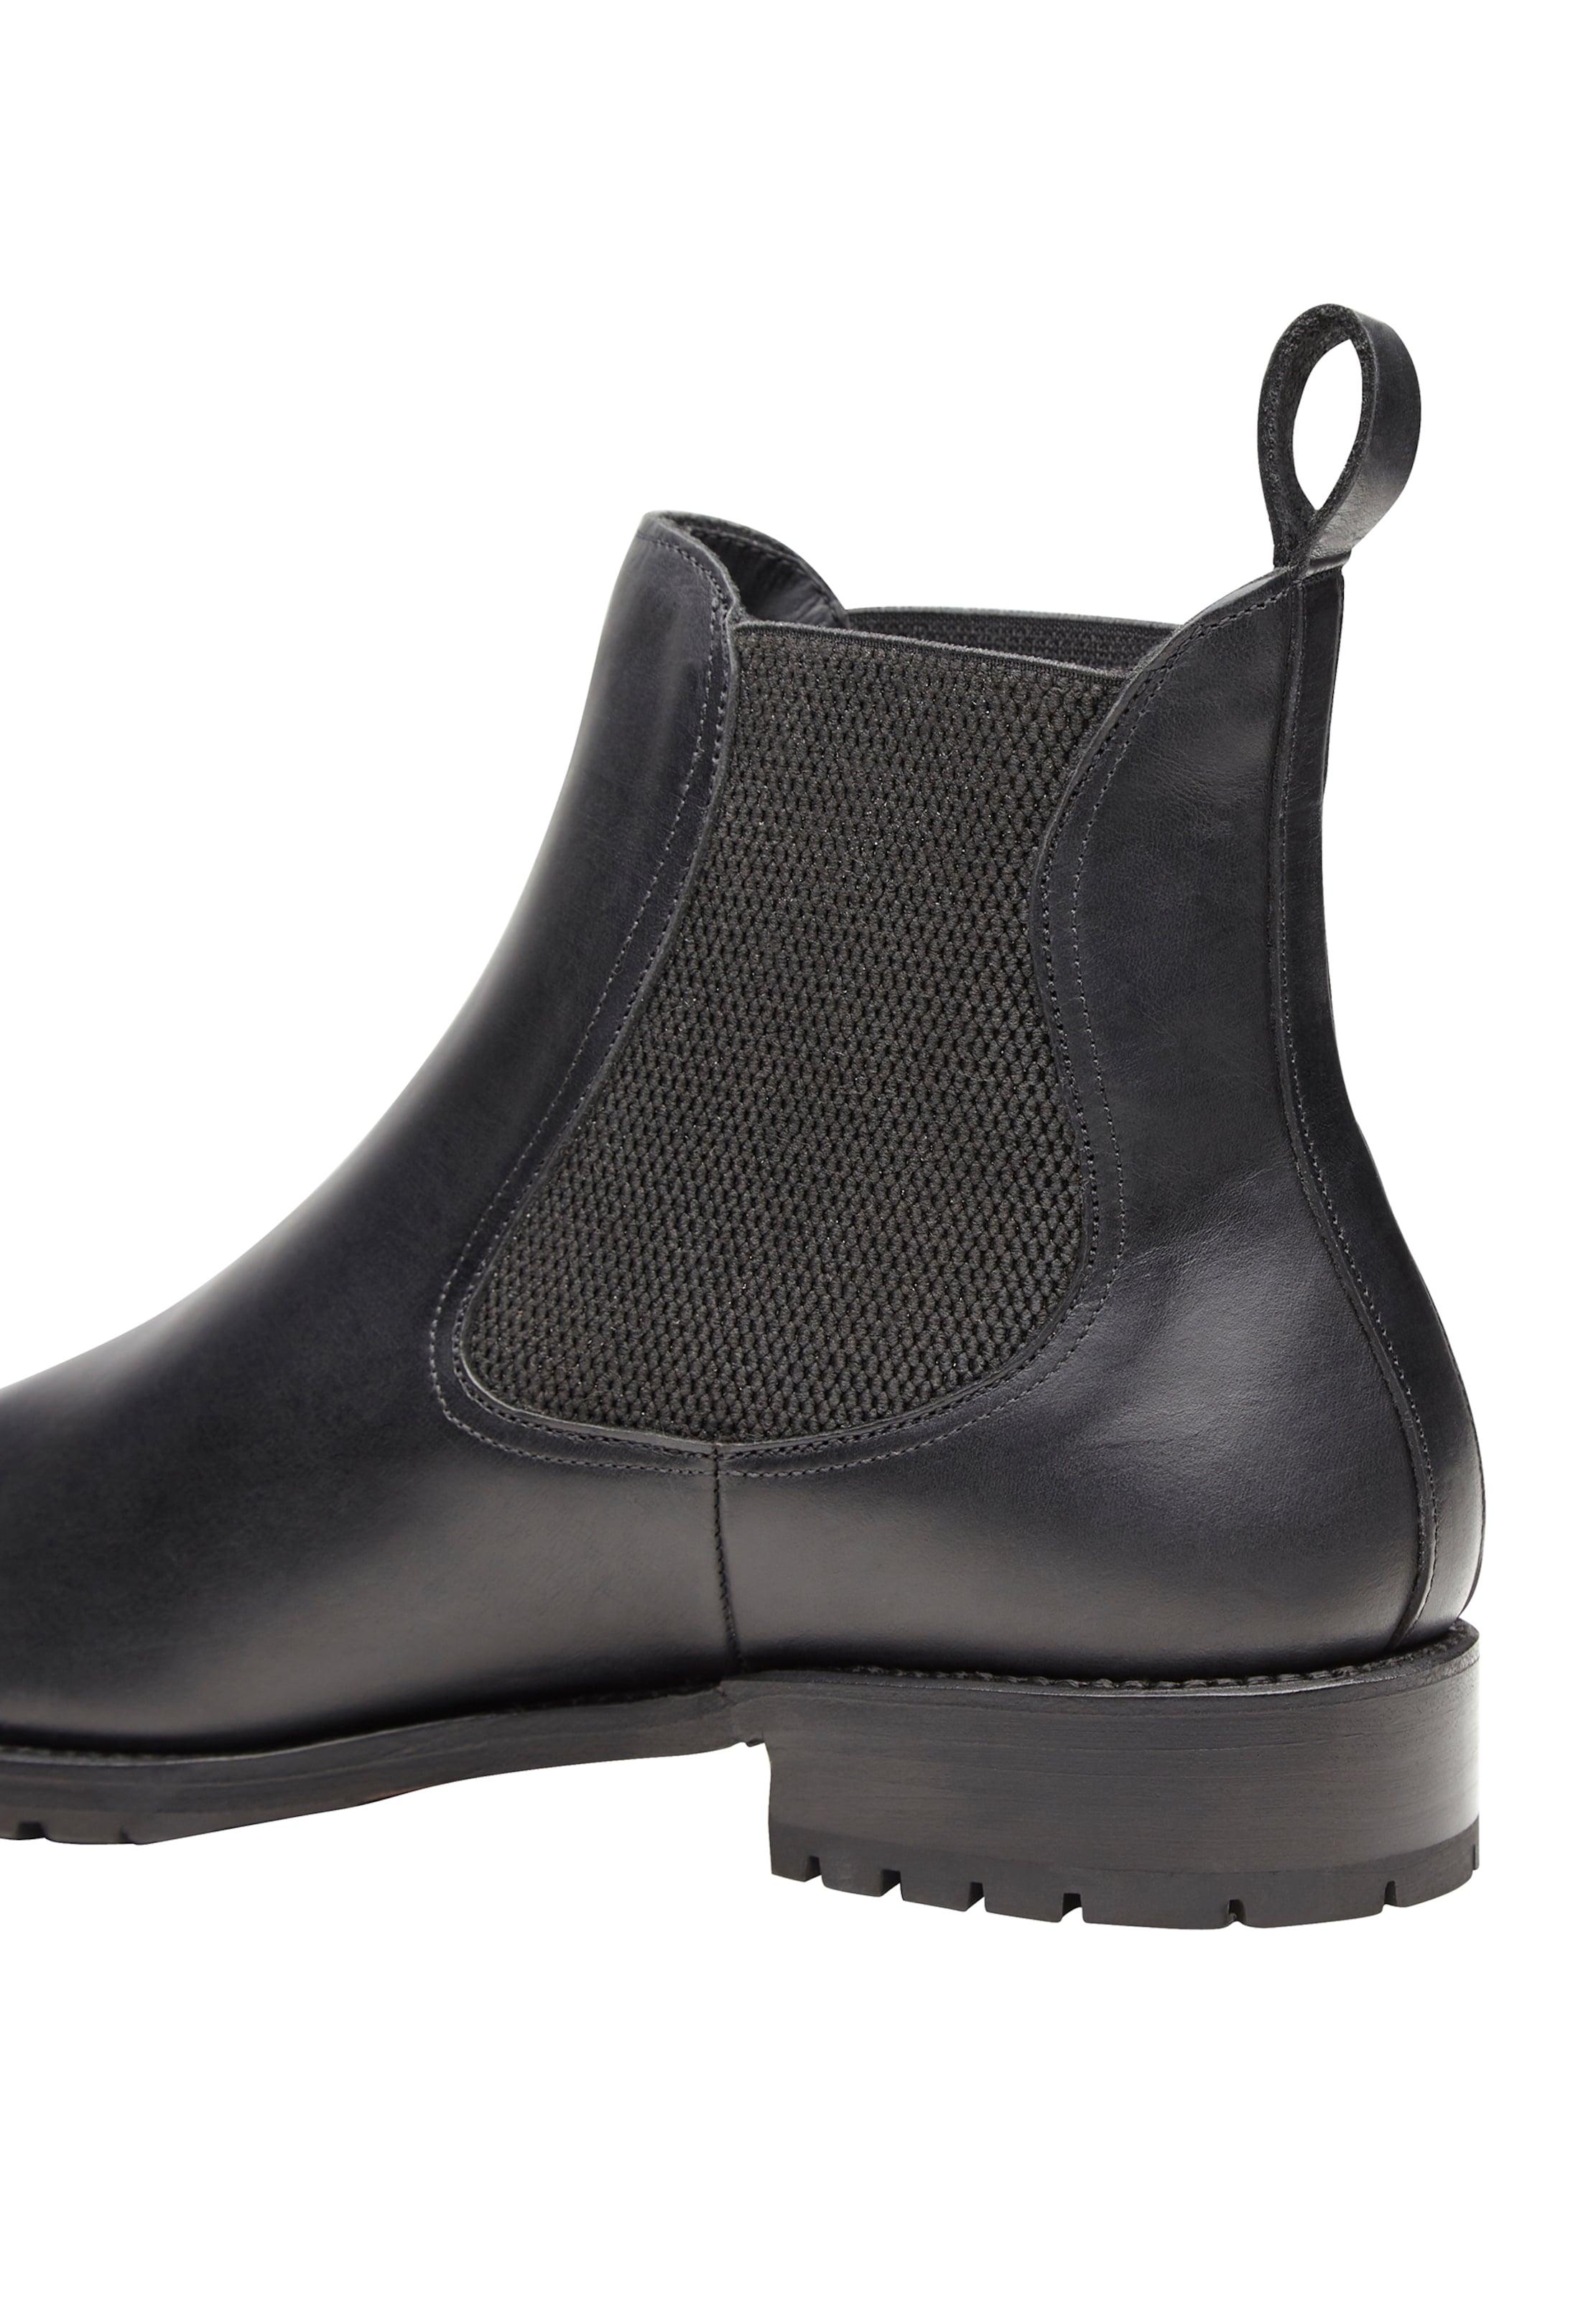 SchuhePASSION Stiefel Stiefel Stiefel 'No. 6810 Leder Wilde Freizeitschuhe 383a4f